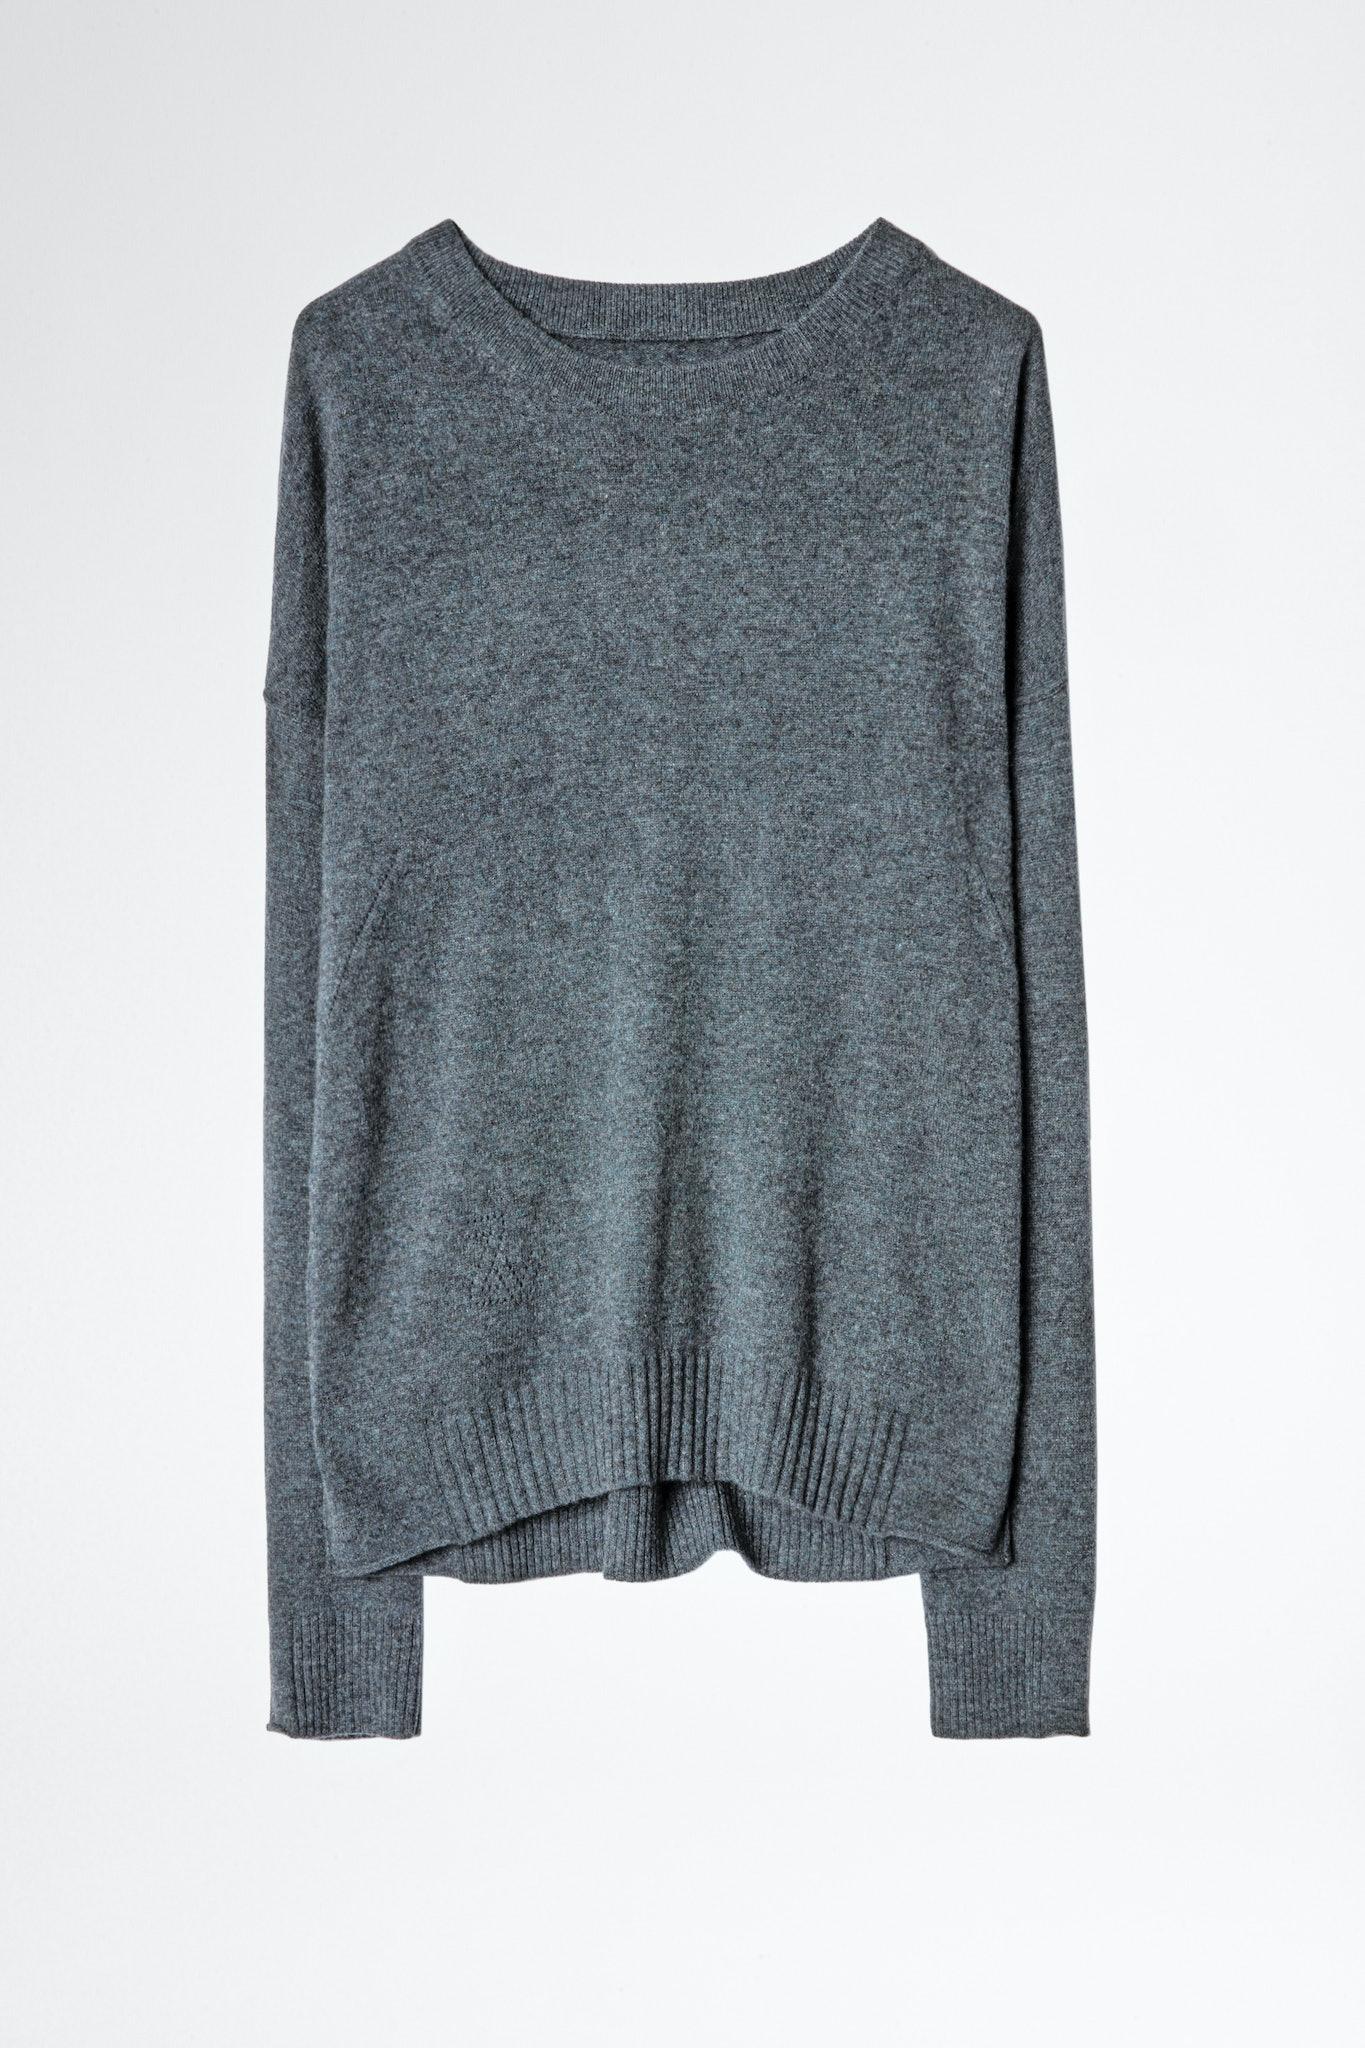 Cici Patch Cashmere Sweater